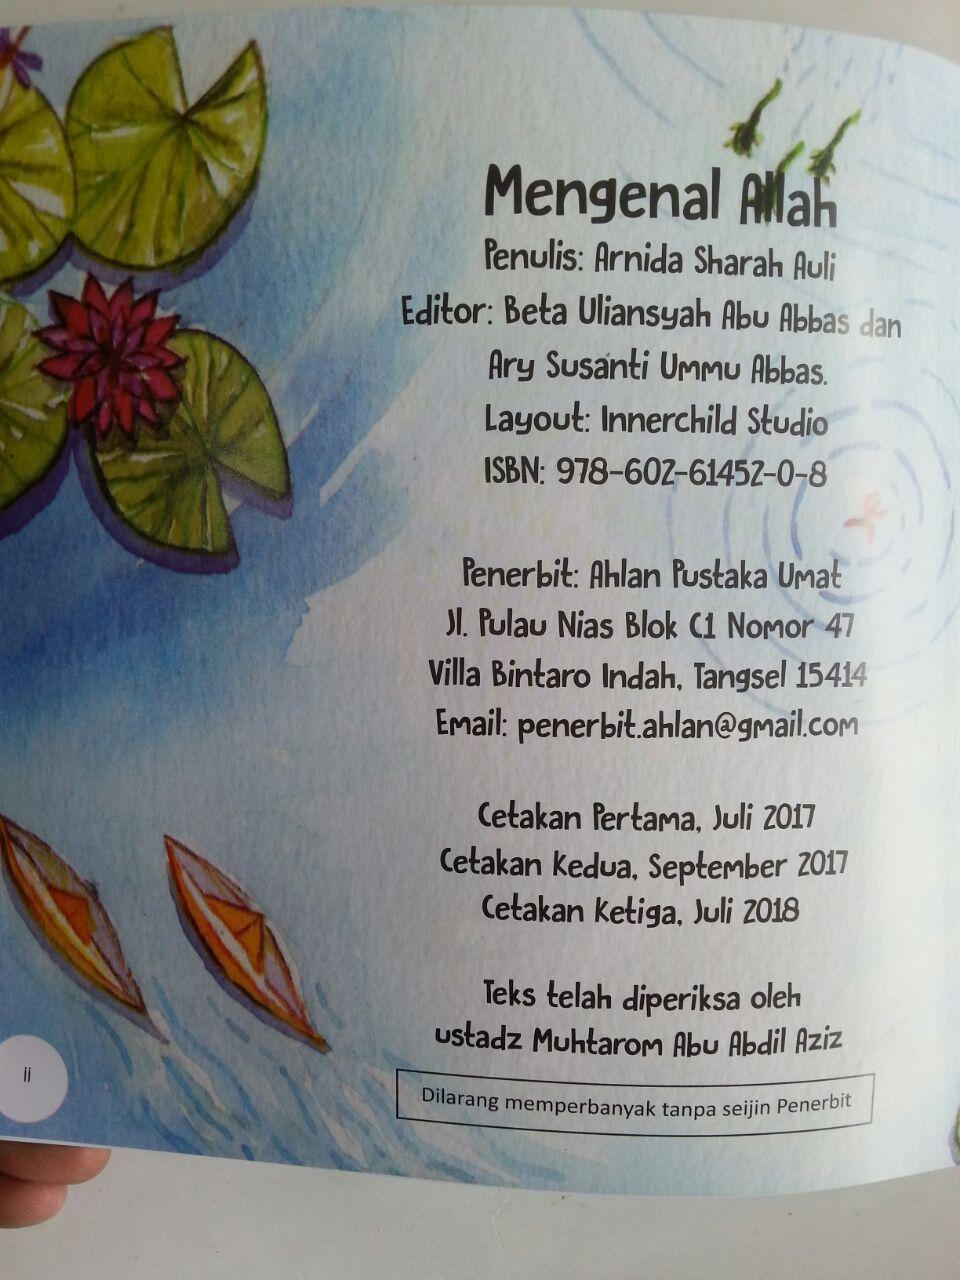 Buku Anak Seri Ushul Tsalatsah For Kids Mengenal Allah isi